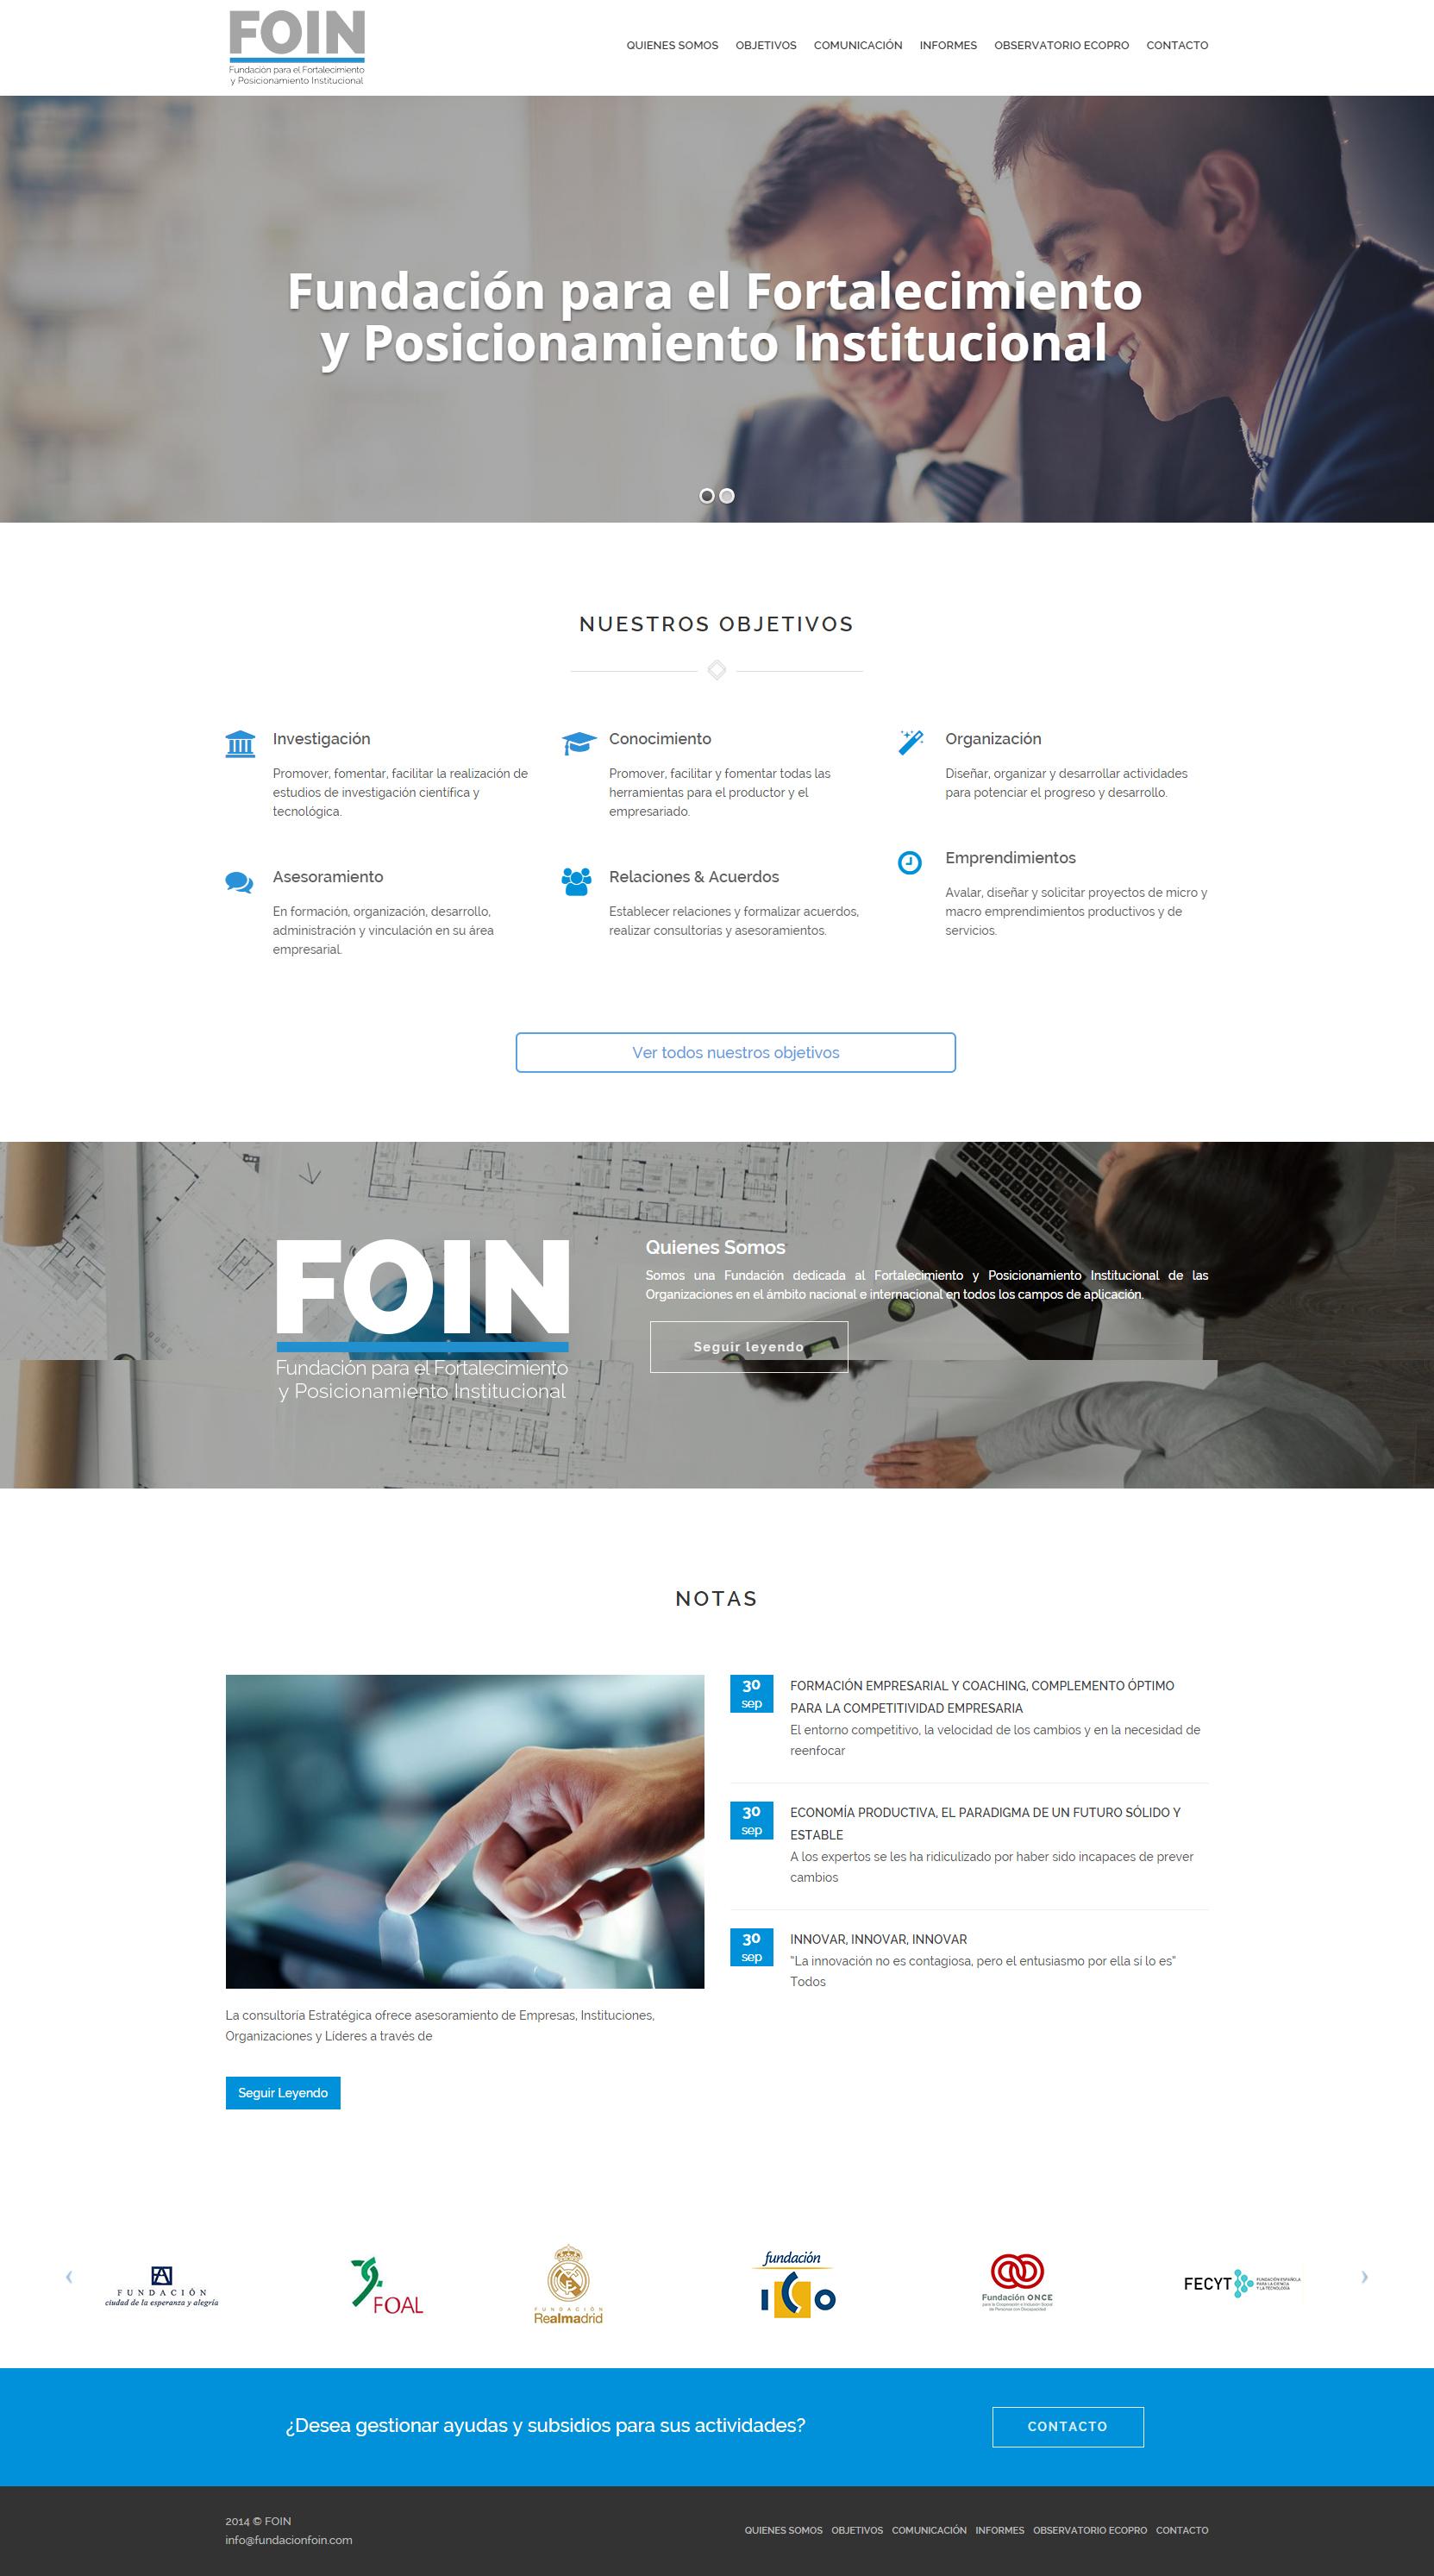 FOIN---Fundación-para-el-Fortalecimiento-y-Posicionamiento-Institucional